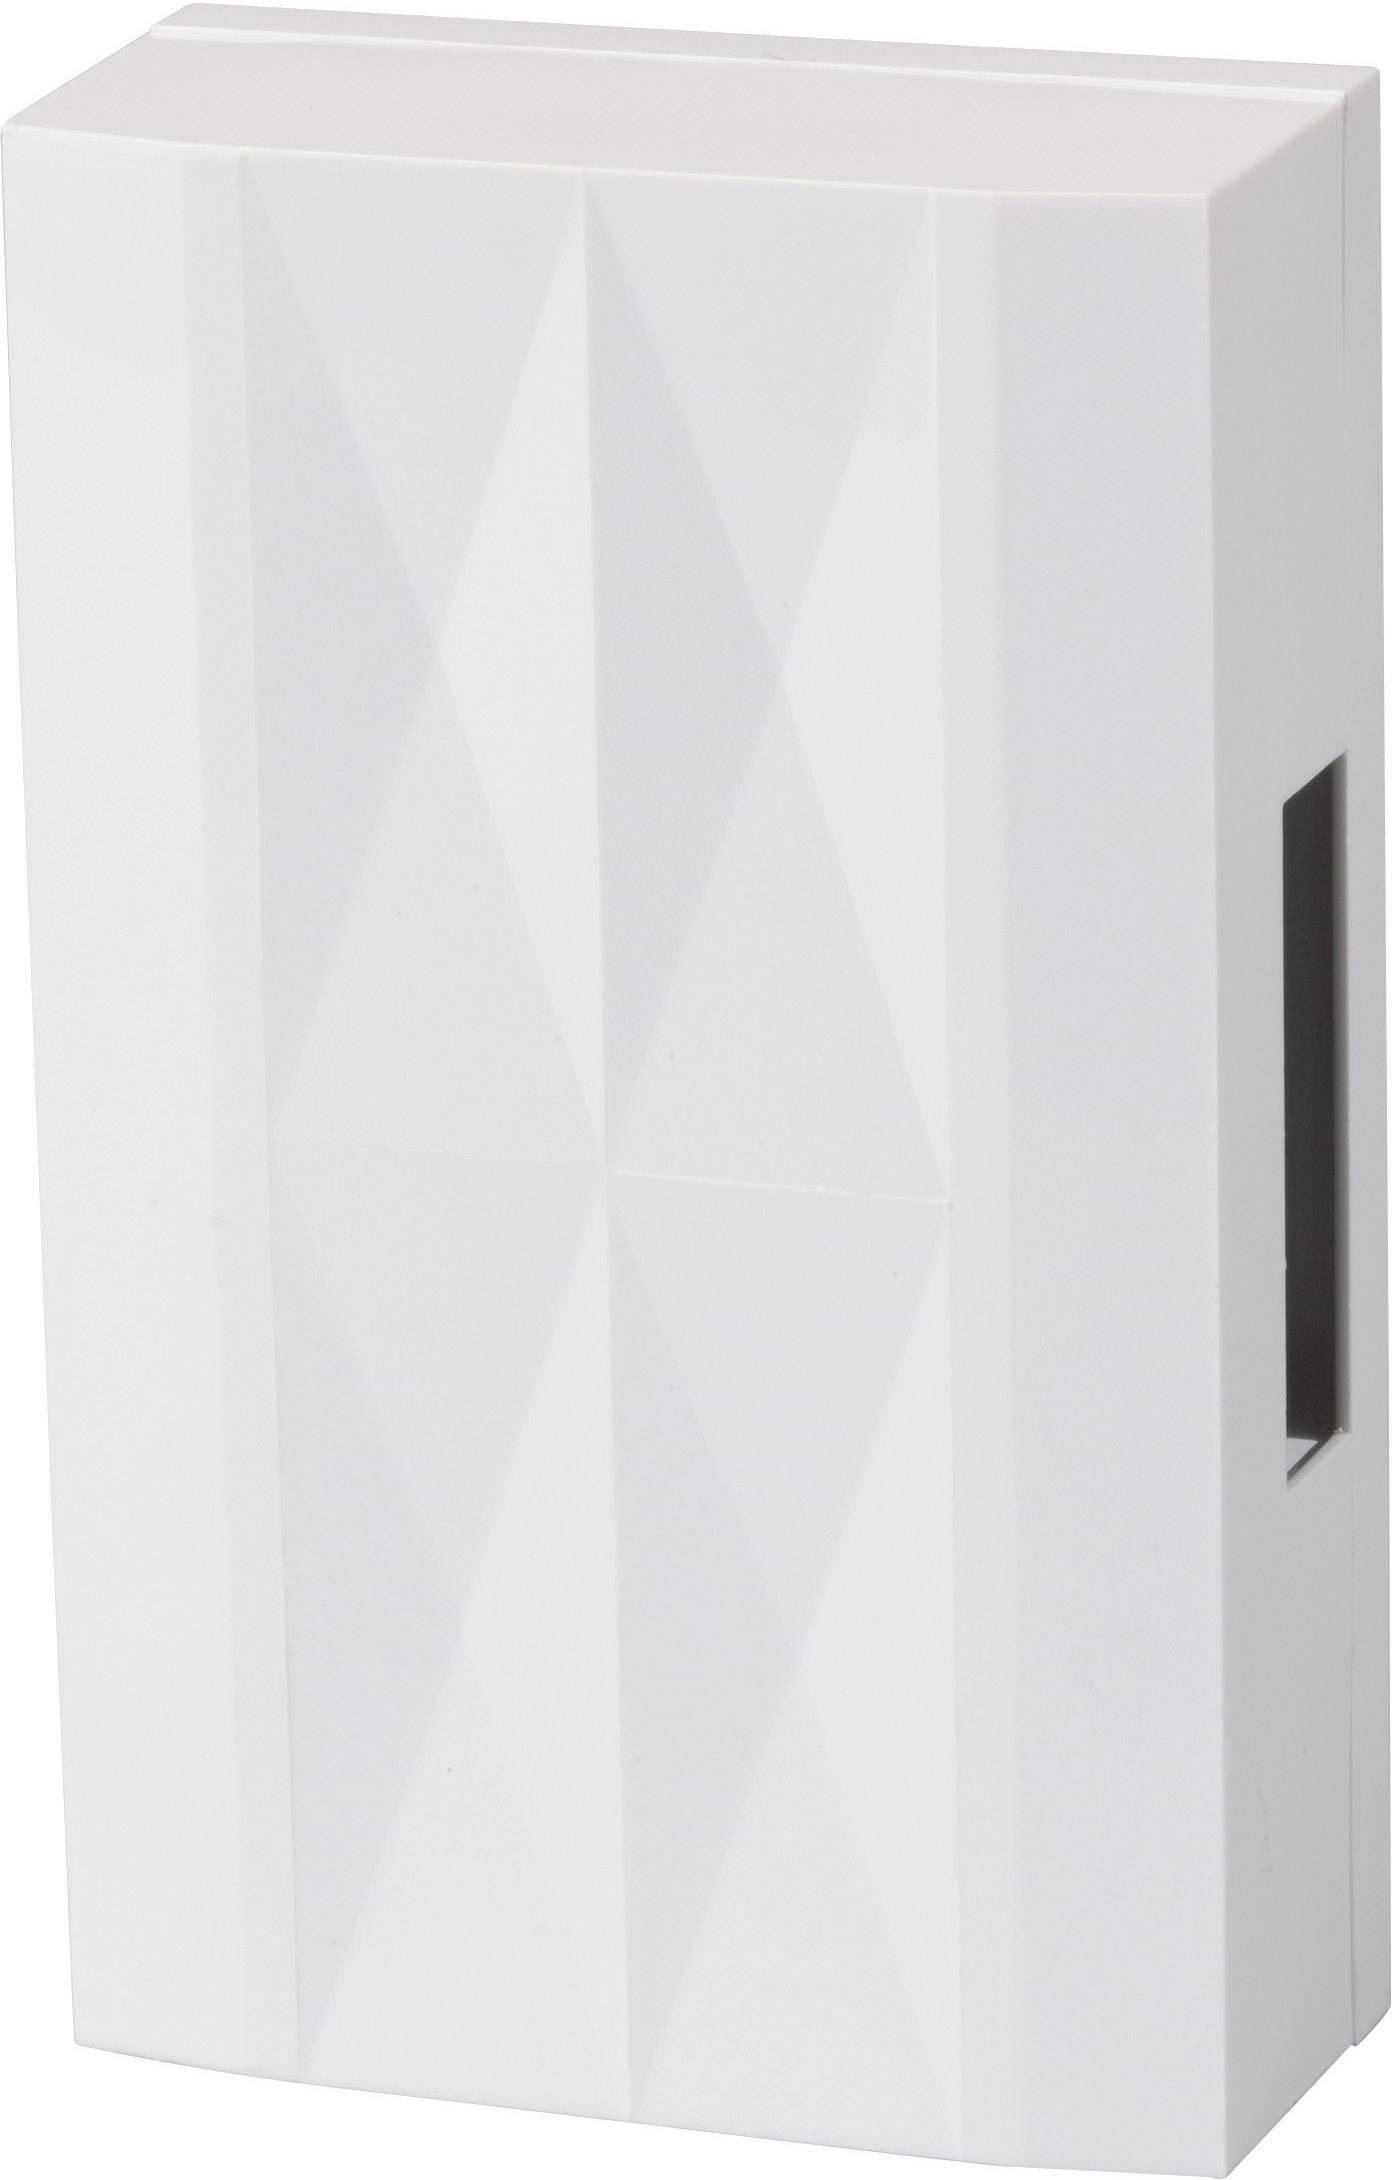 Gong Heidemann Icaro 70215, 2tónový/3tónový, 8 V, 85 dBA, bílá